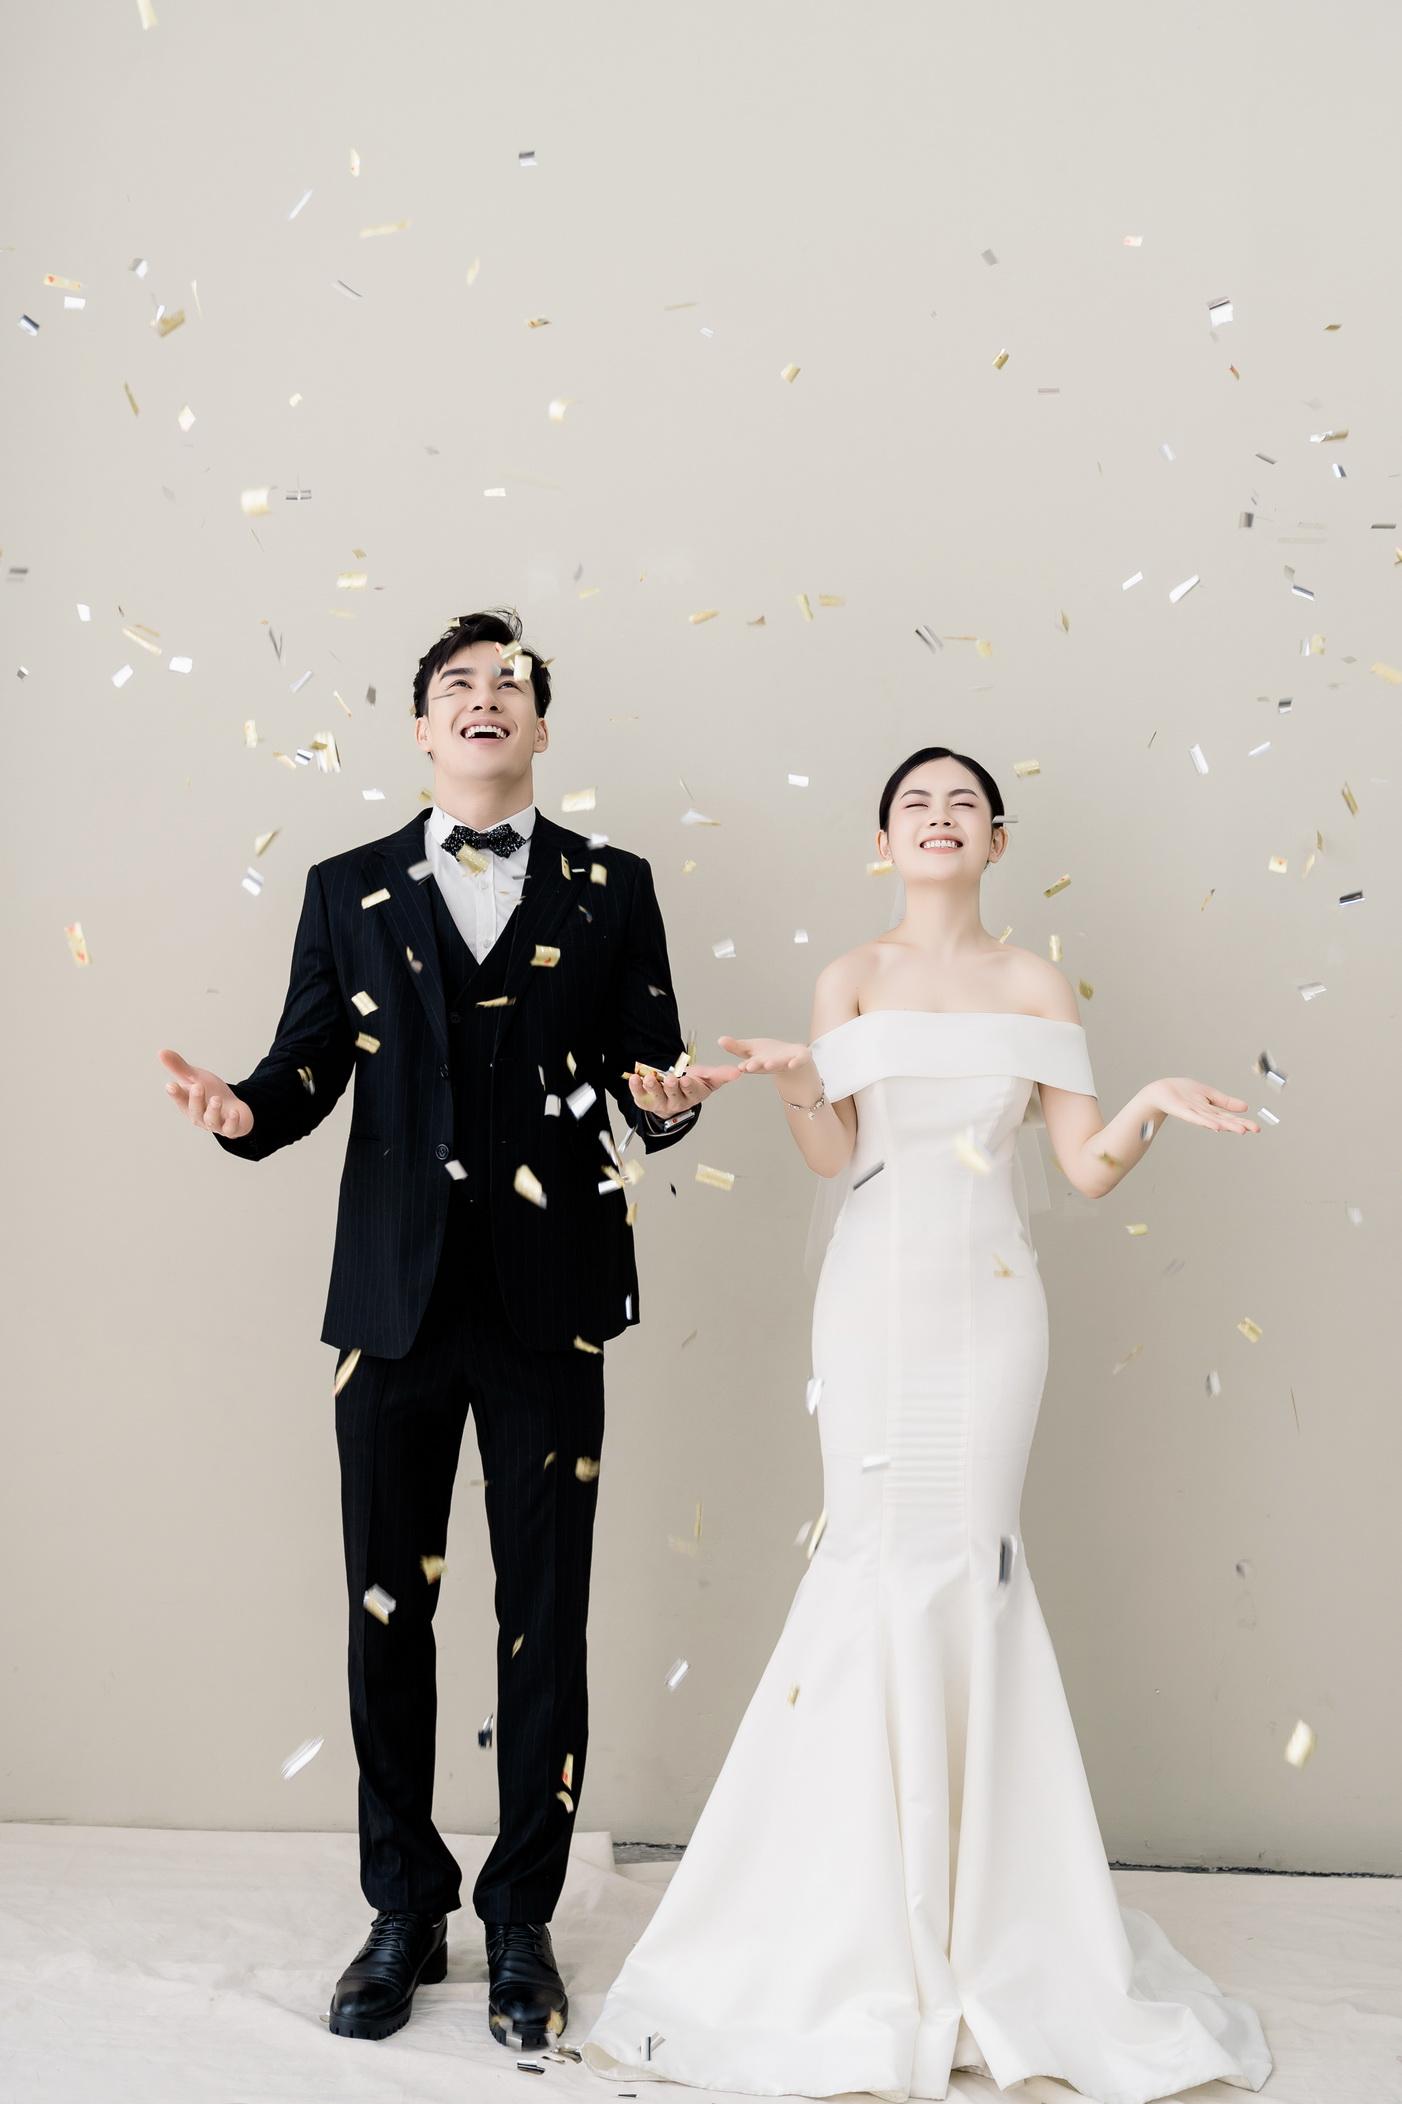 xu hướng chụp ảnh cưới trong studio